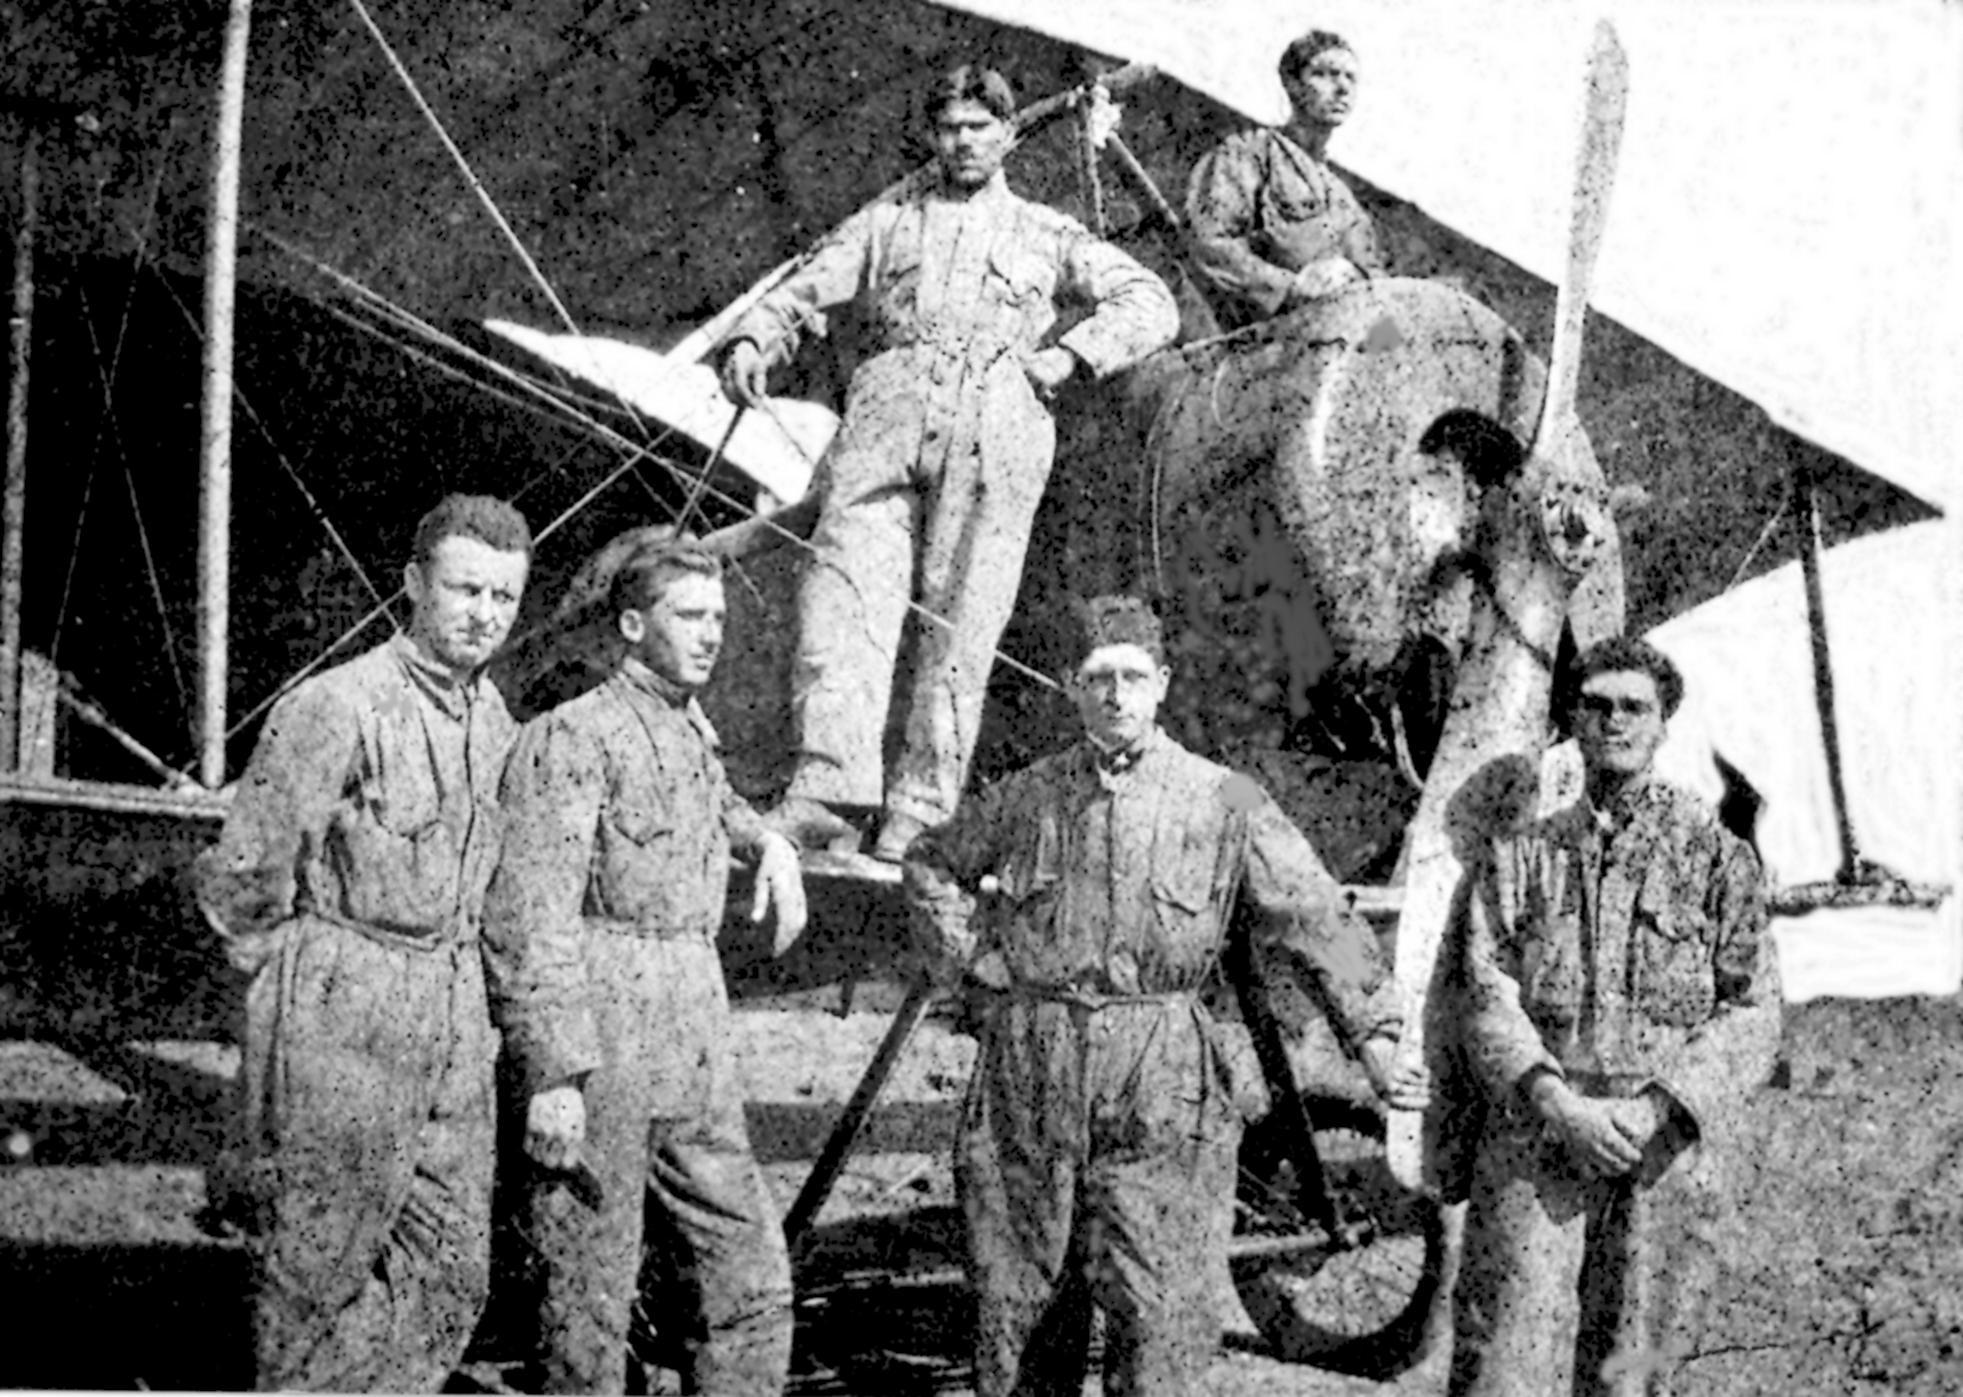 1940 – L'allievo specialista dell'Aeronautica Venturin Arturo a Torino (terzo da sinistra a terra).